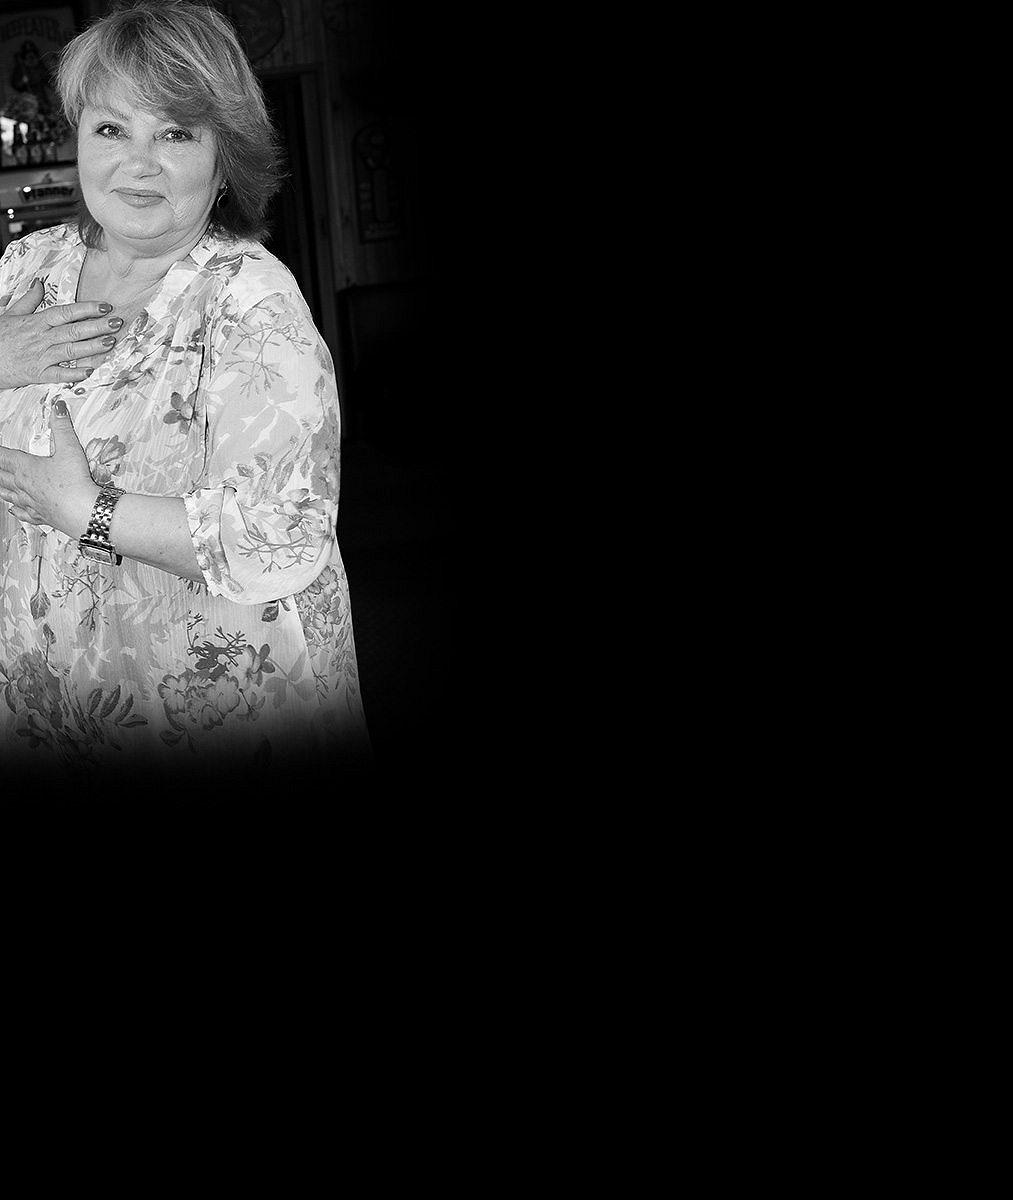 Známe tajný scénář vzpomínky na Věru Špinarovou (✝65): Zpívat jí budou největší hvězdy Česka!